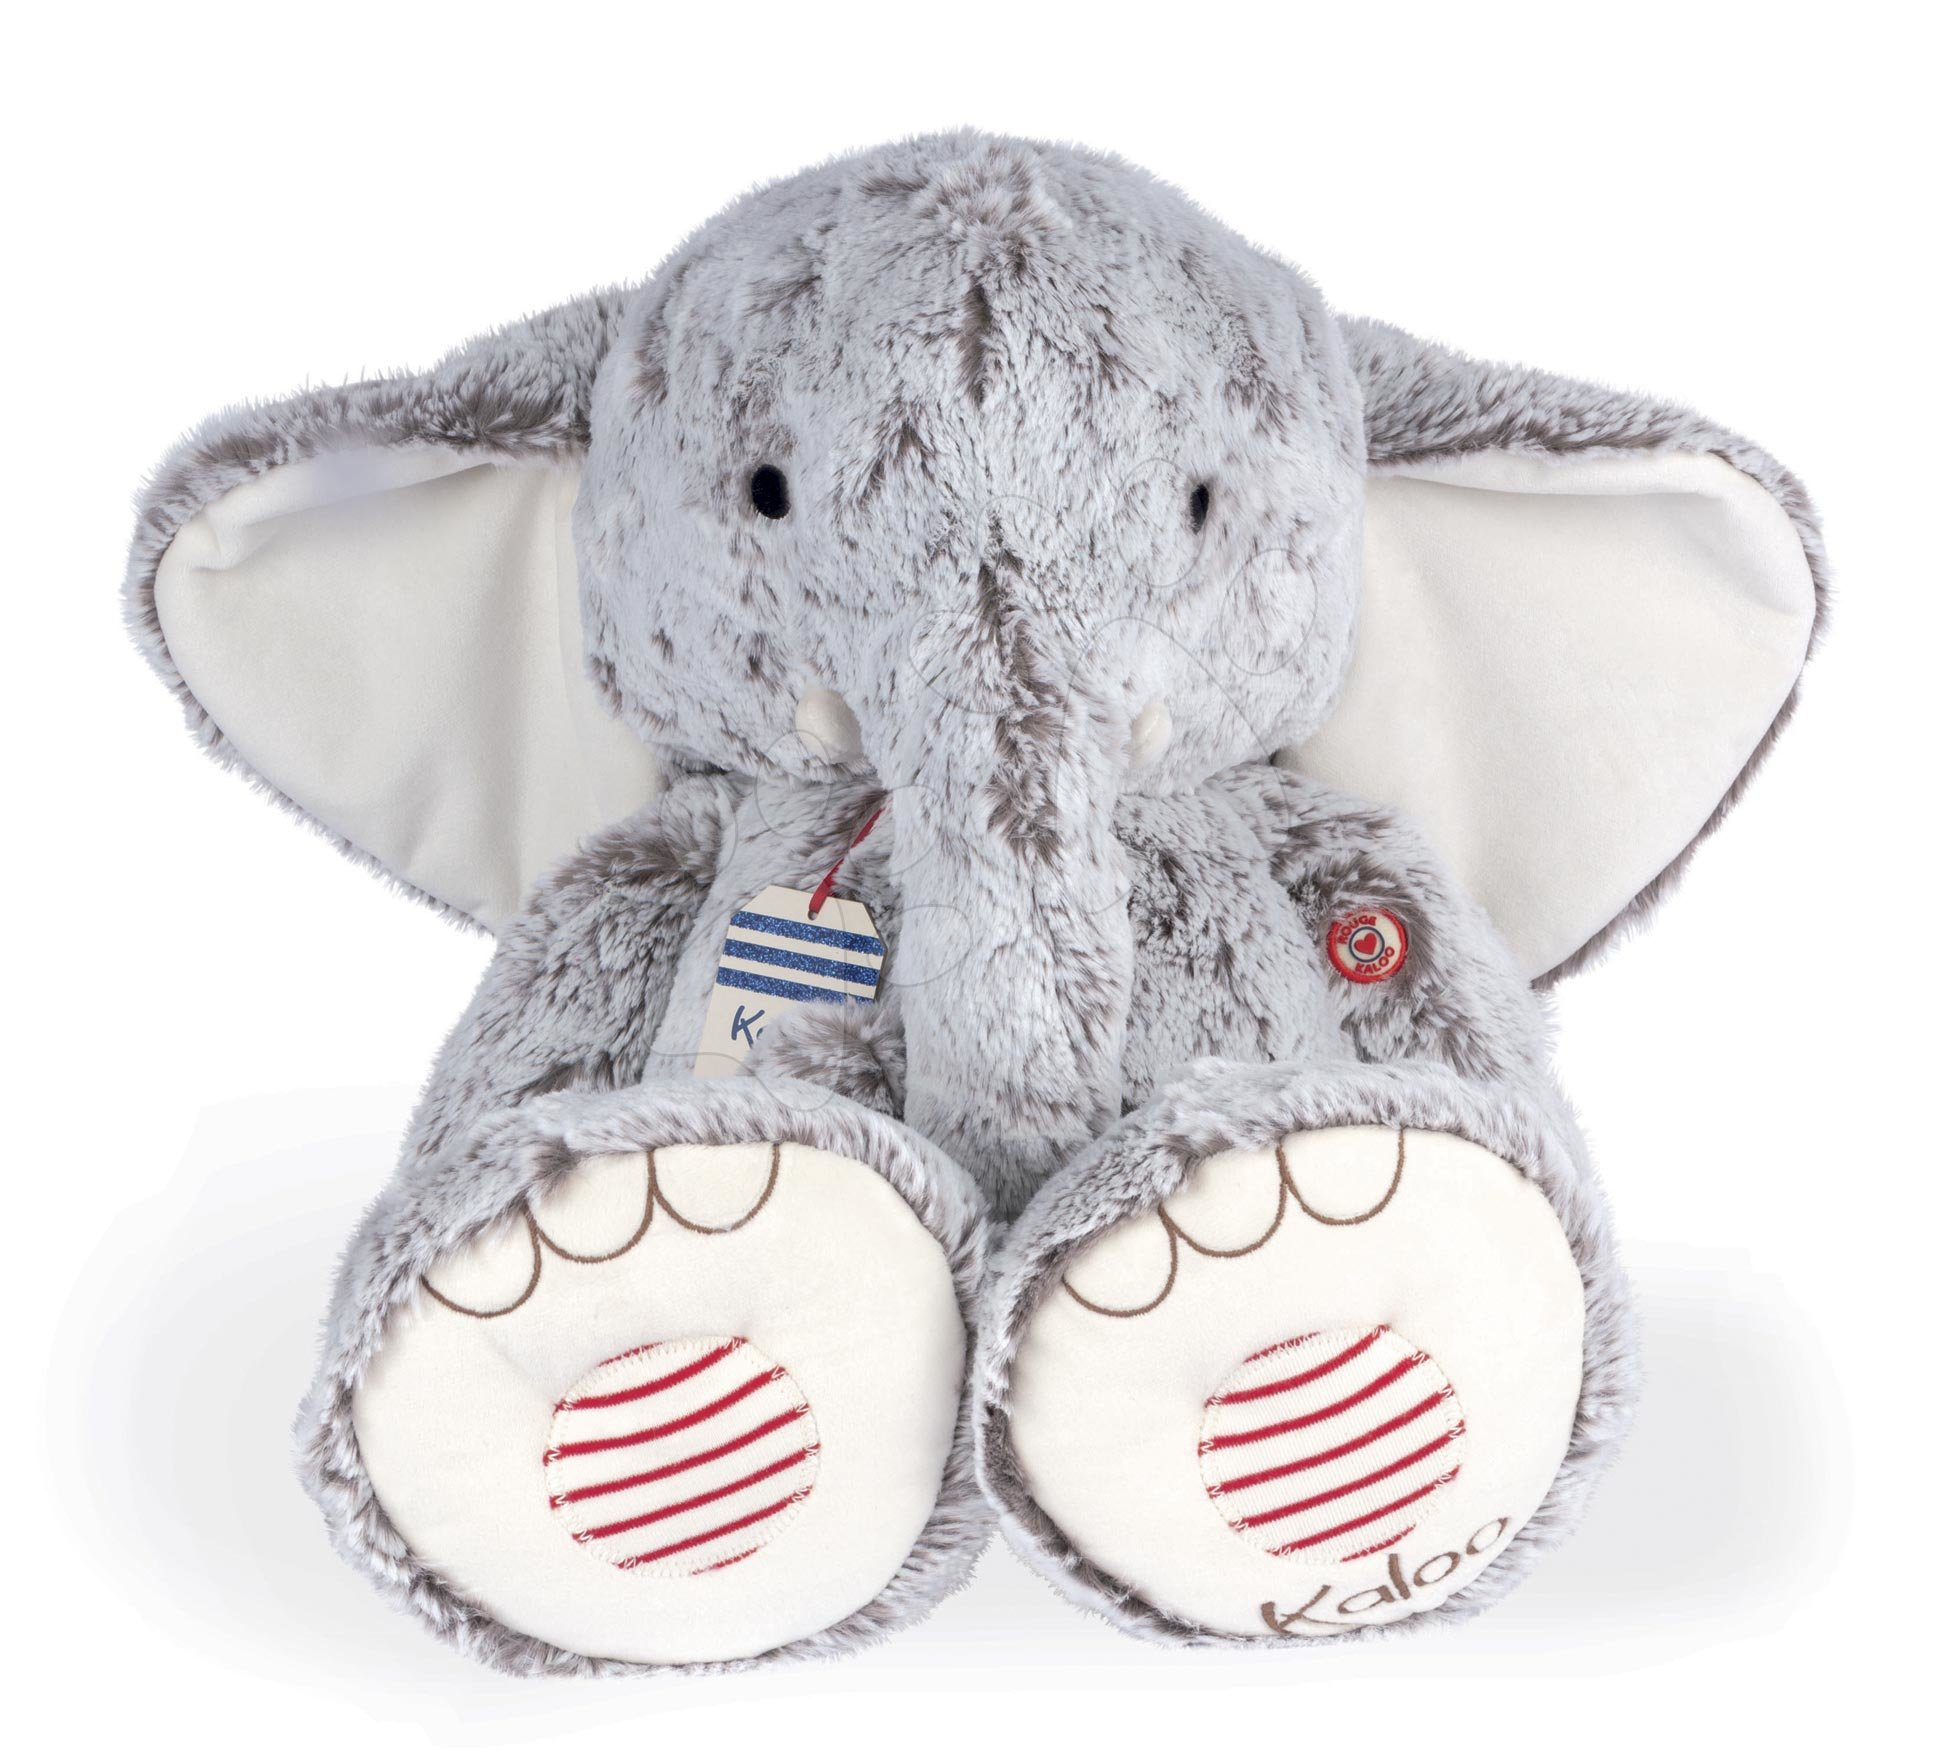 Plyšové a textilní hračky - Plyšový slon Noa Elephant Grey XL Rouge Kaloo šedý 55 cm z jemného materiálu pro nejmenší od 0 měsíců